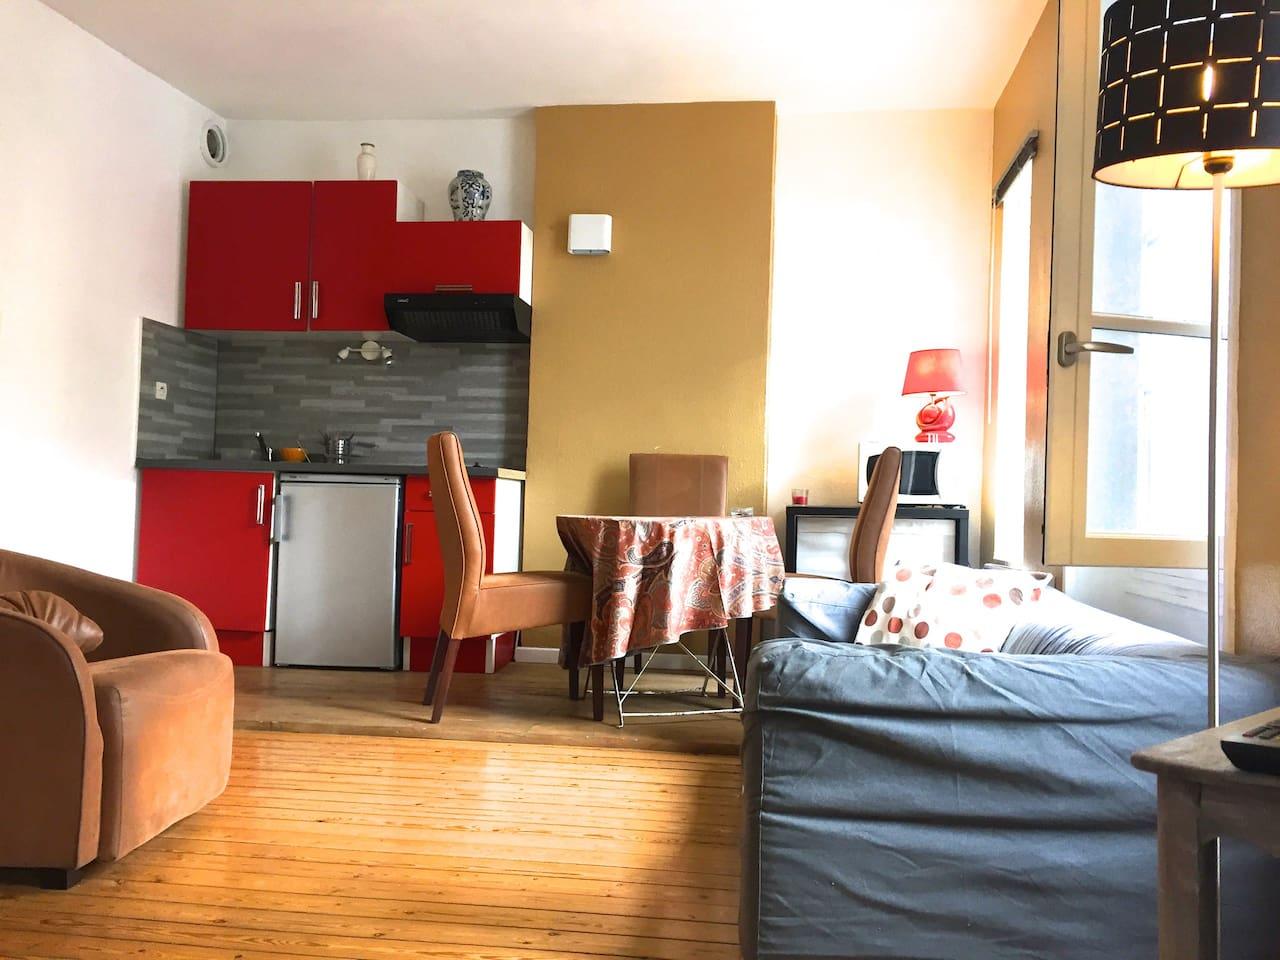 Pièce principale avec Salon, salle à manger et cuisine ouverte.